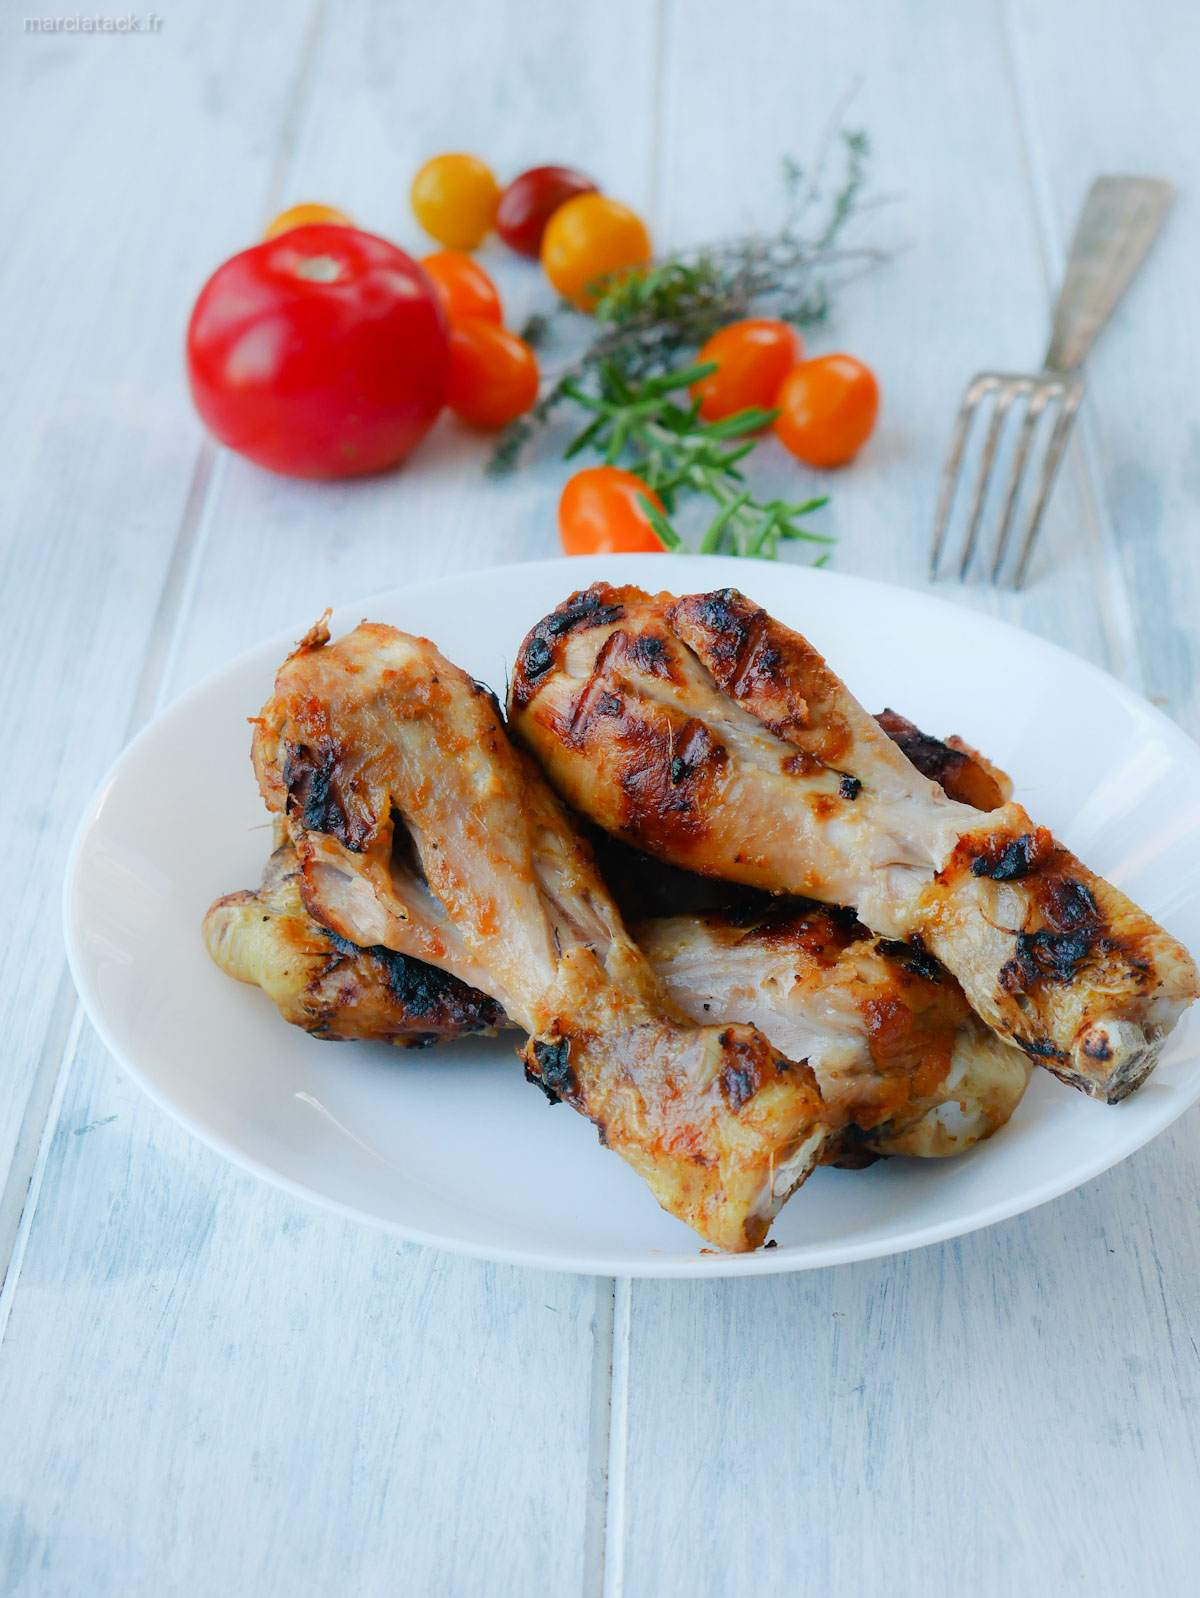 cuisses de poulet au barbecue